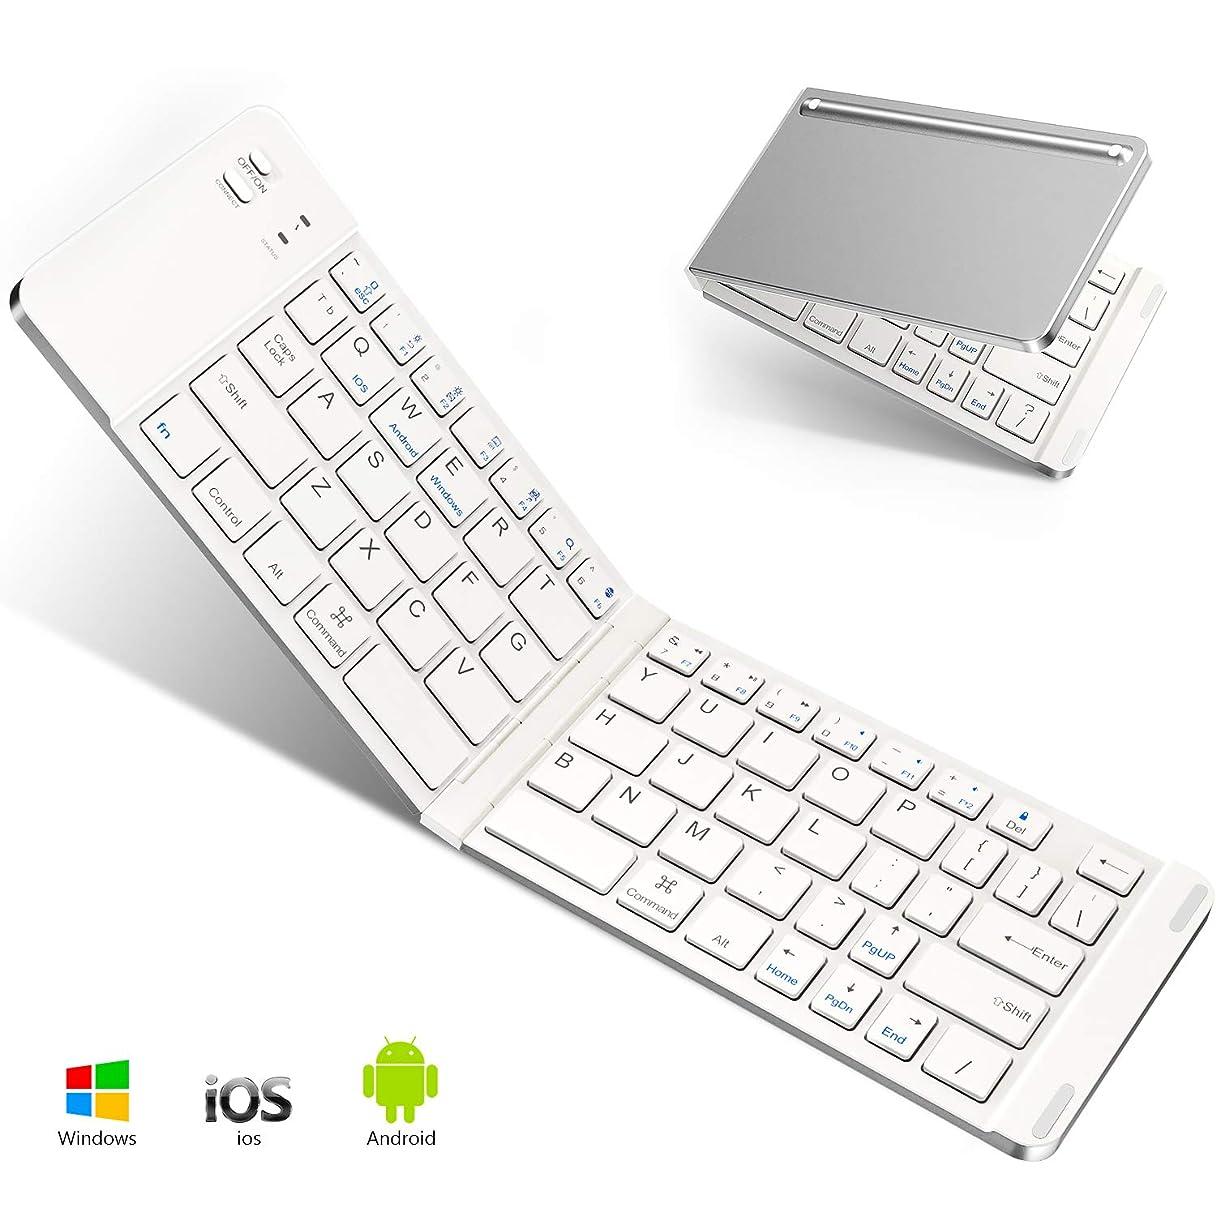 リーガンマーチャンダイジングホームレスBluetoothキーボード 折りたたみ式 143g 超軽量 Levens ワイヤレスキーボード iOS/Android/Windowsに対応 USB充電 薄型 持ち運び便利 専用ケース付き スタンド機能付き(レシバー)